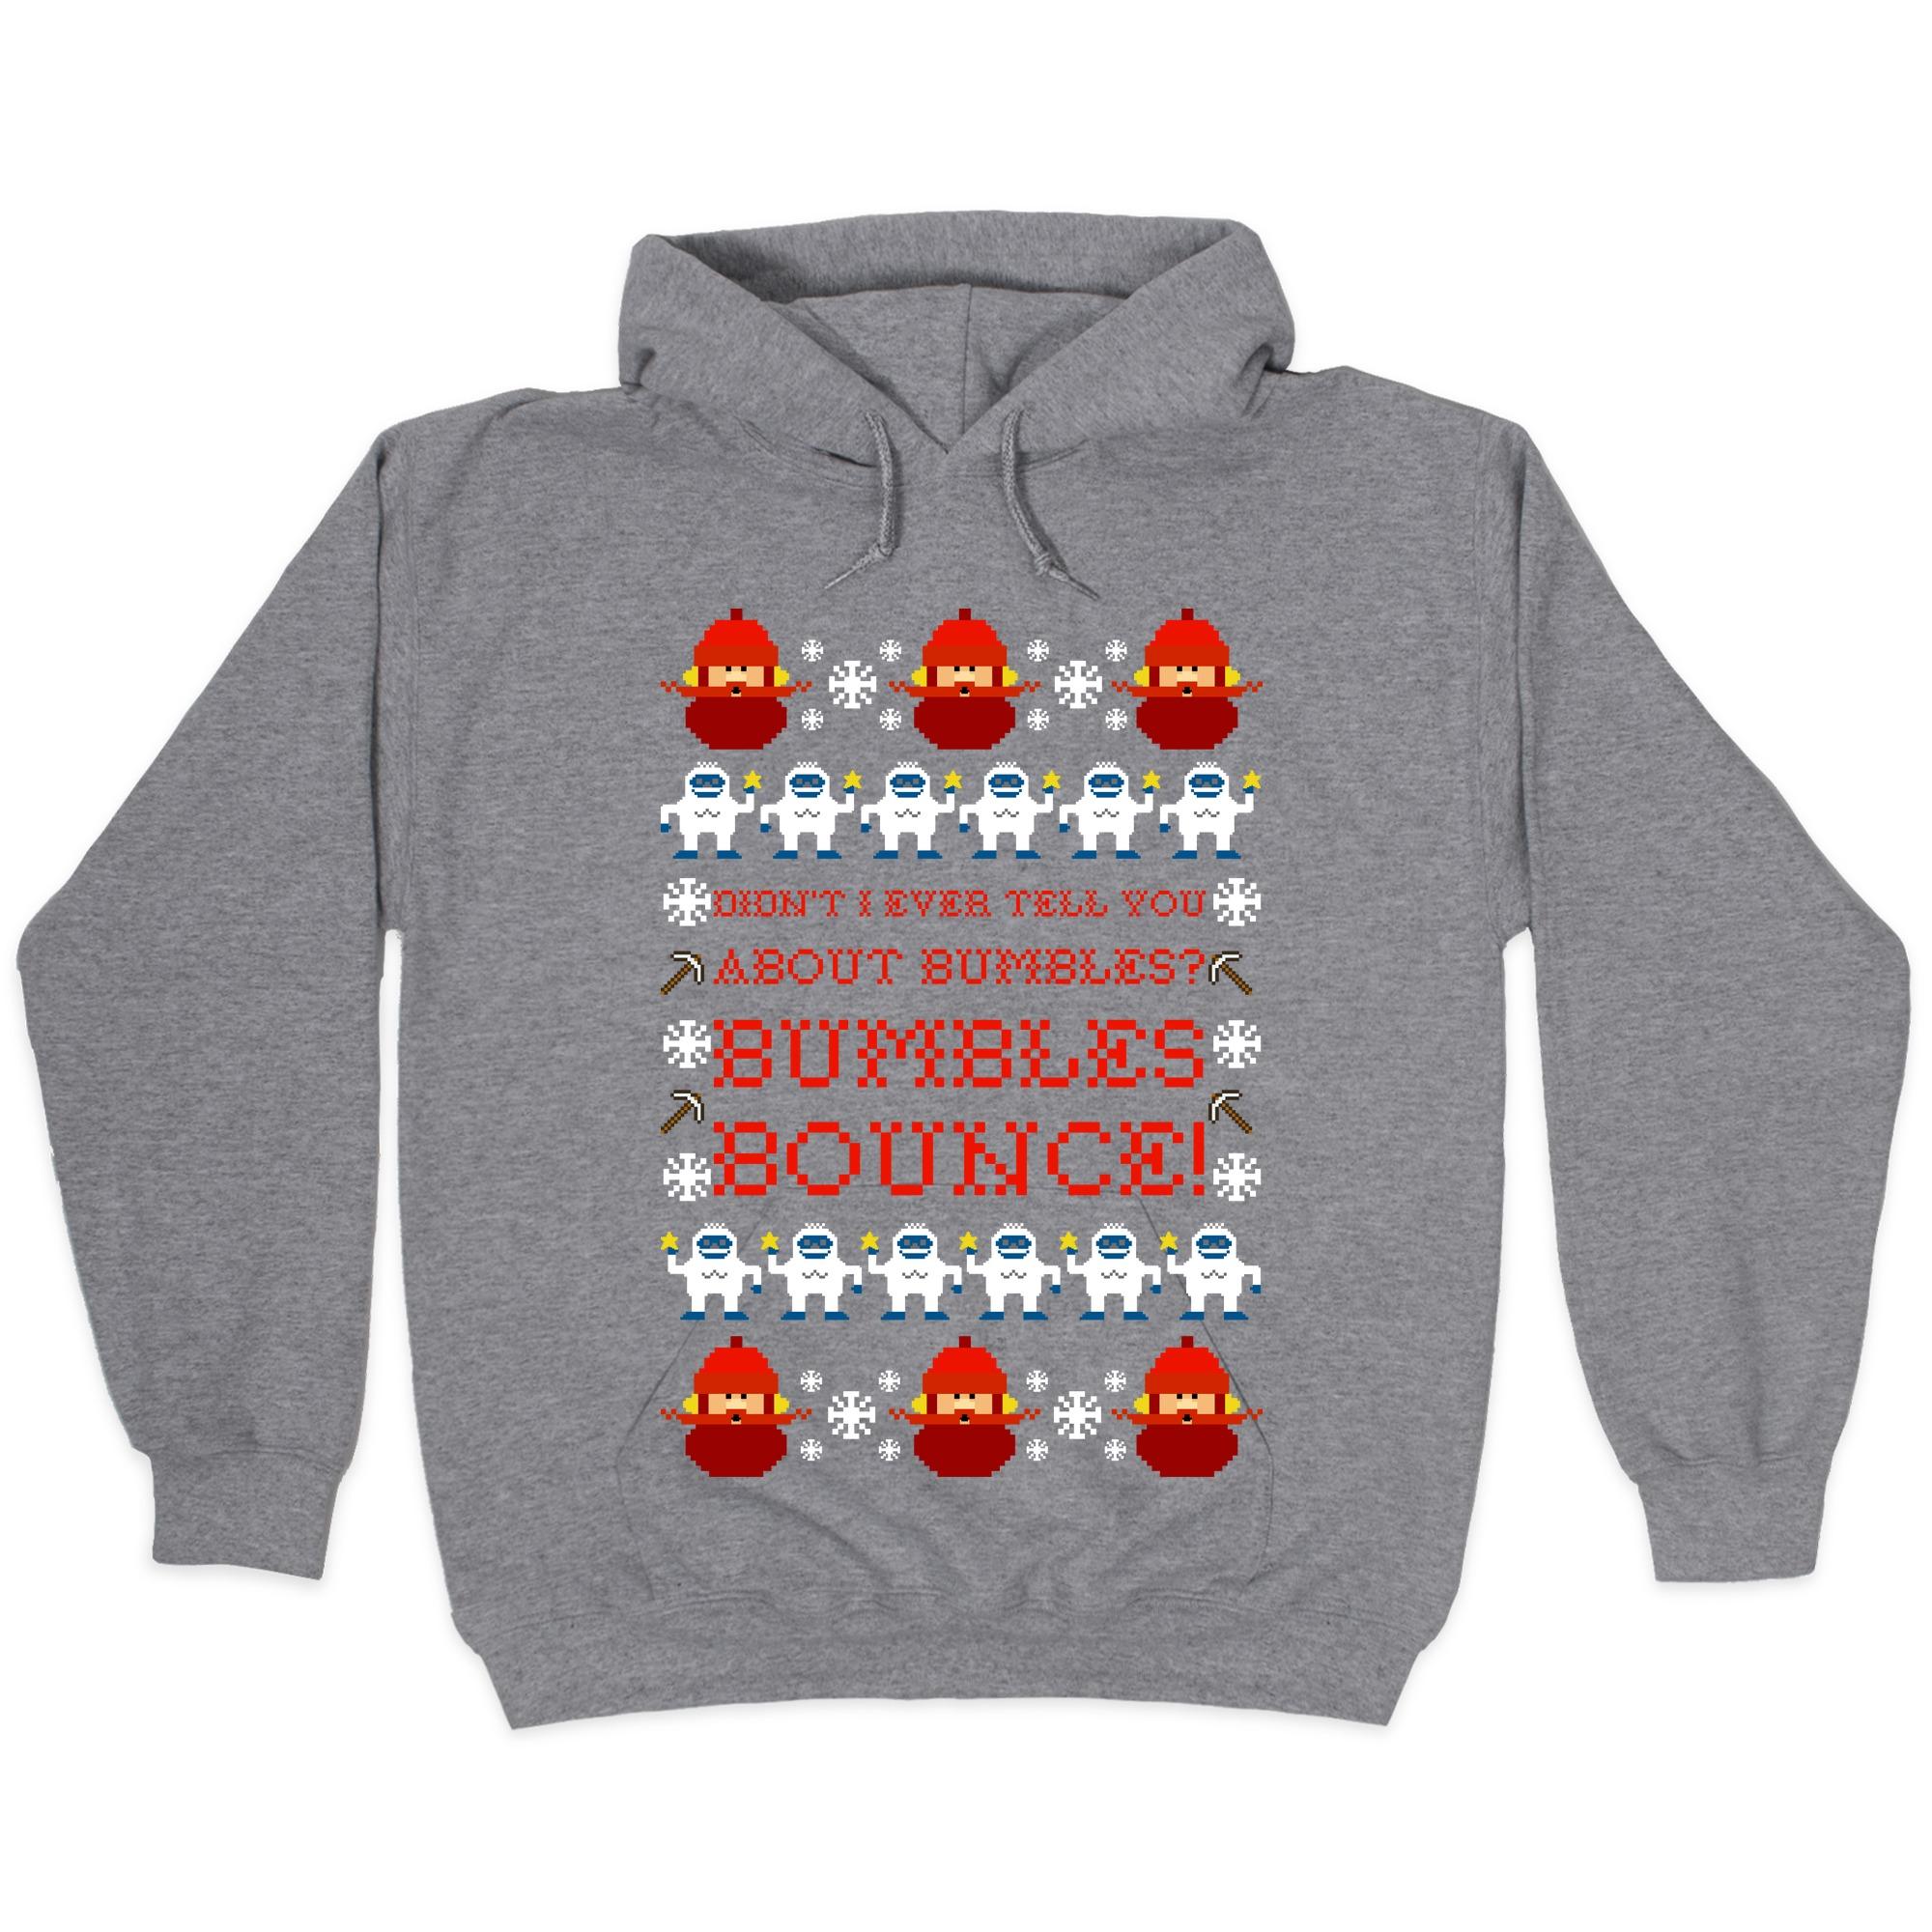 Yukon Cornelius And Bumble Ugly Sweater Hooded Sweatshirts Lookhuman